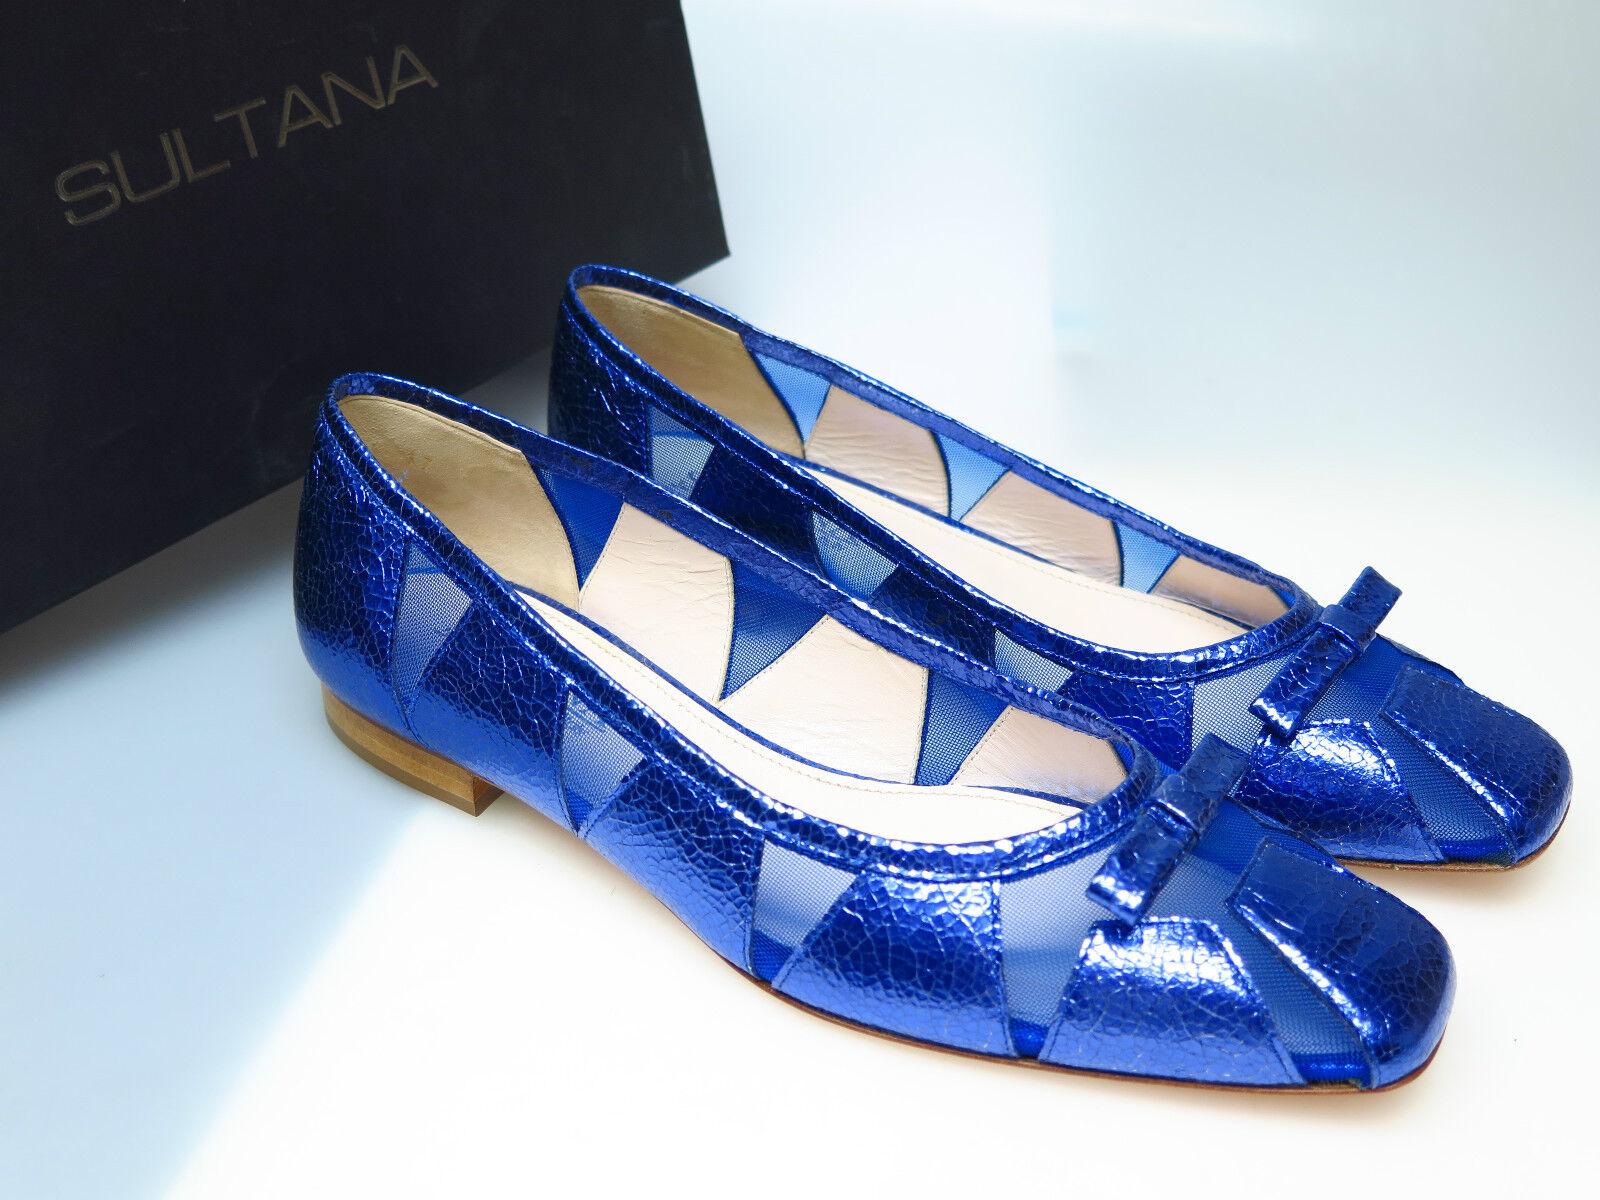 SULTANA Schuhe Designer Damenschuhe N4500 Tati Vegas Indaco Goldi Gr. 37 NEU